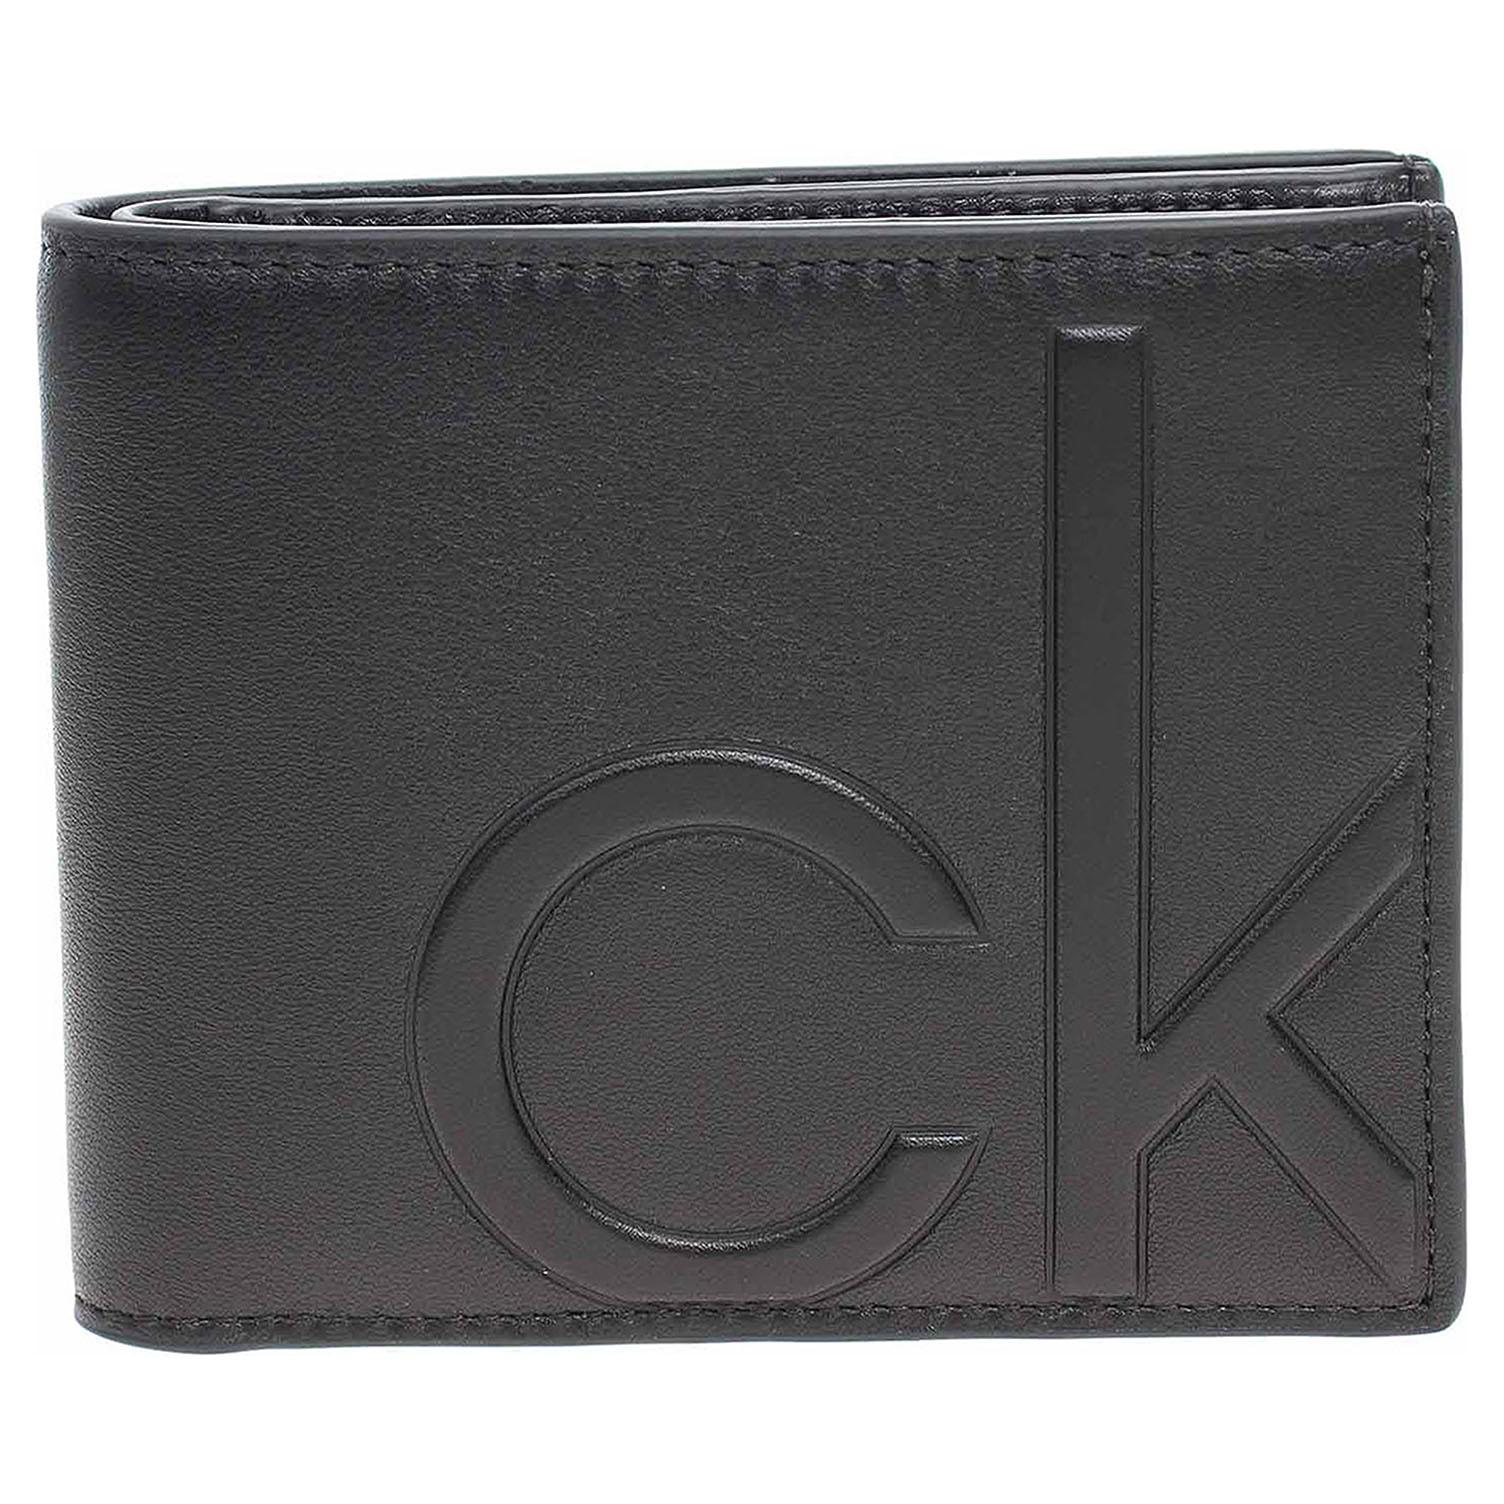 Ecco Calvin Klein pánská peněženka K50K506745 BAX Ck black 14200535